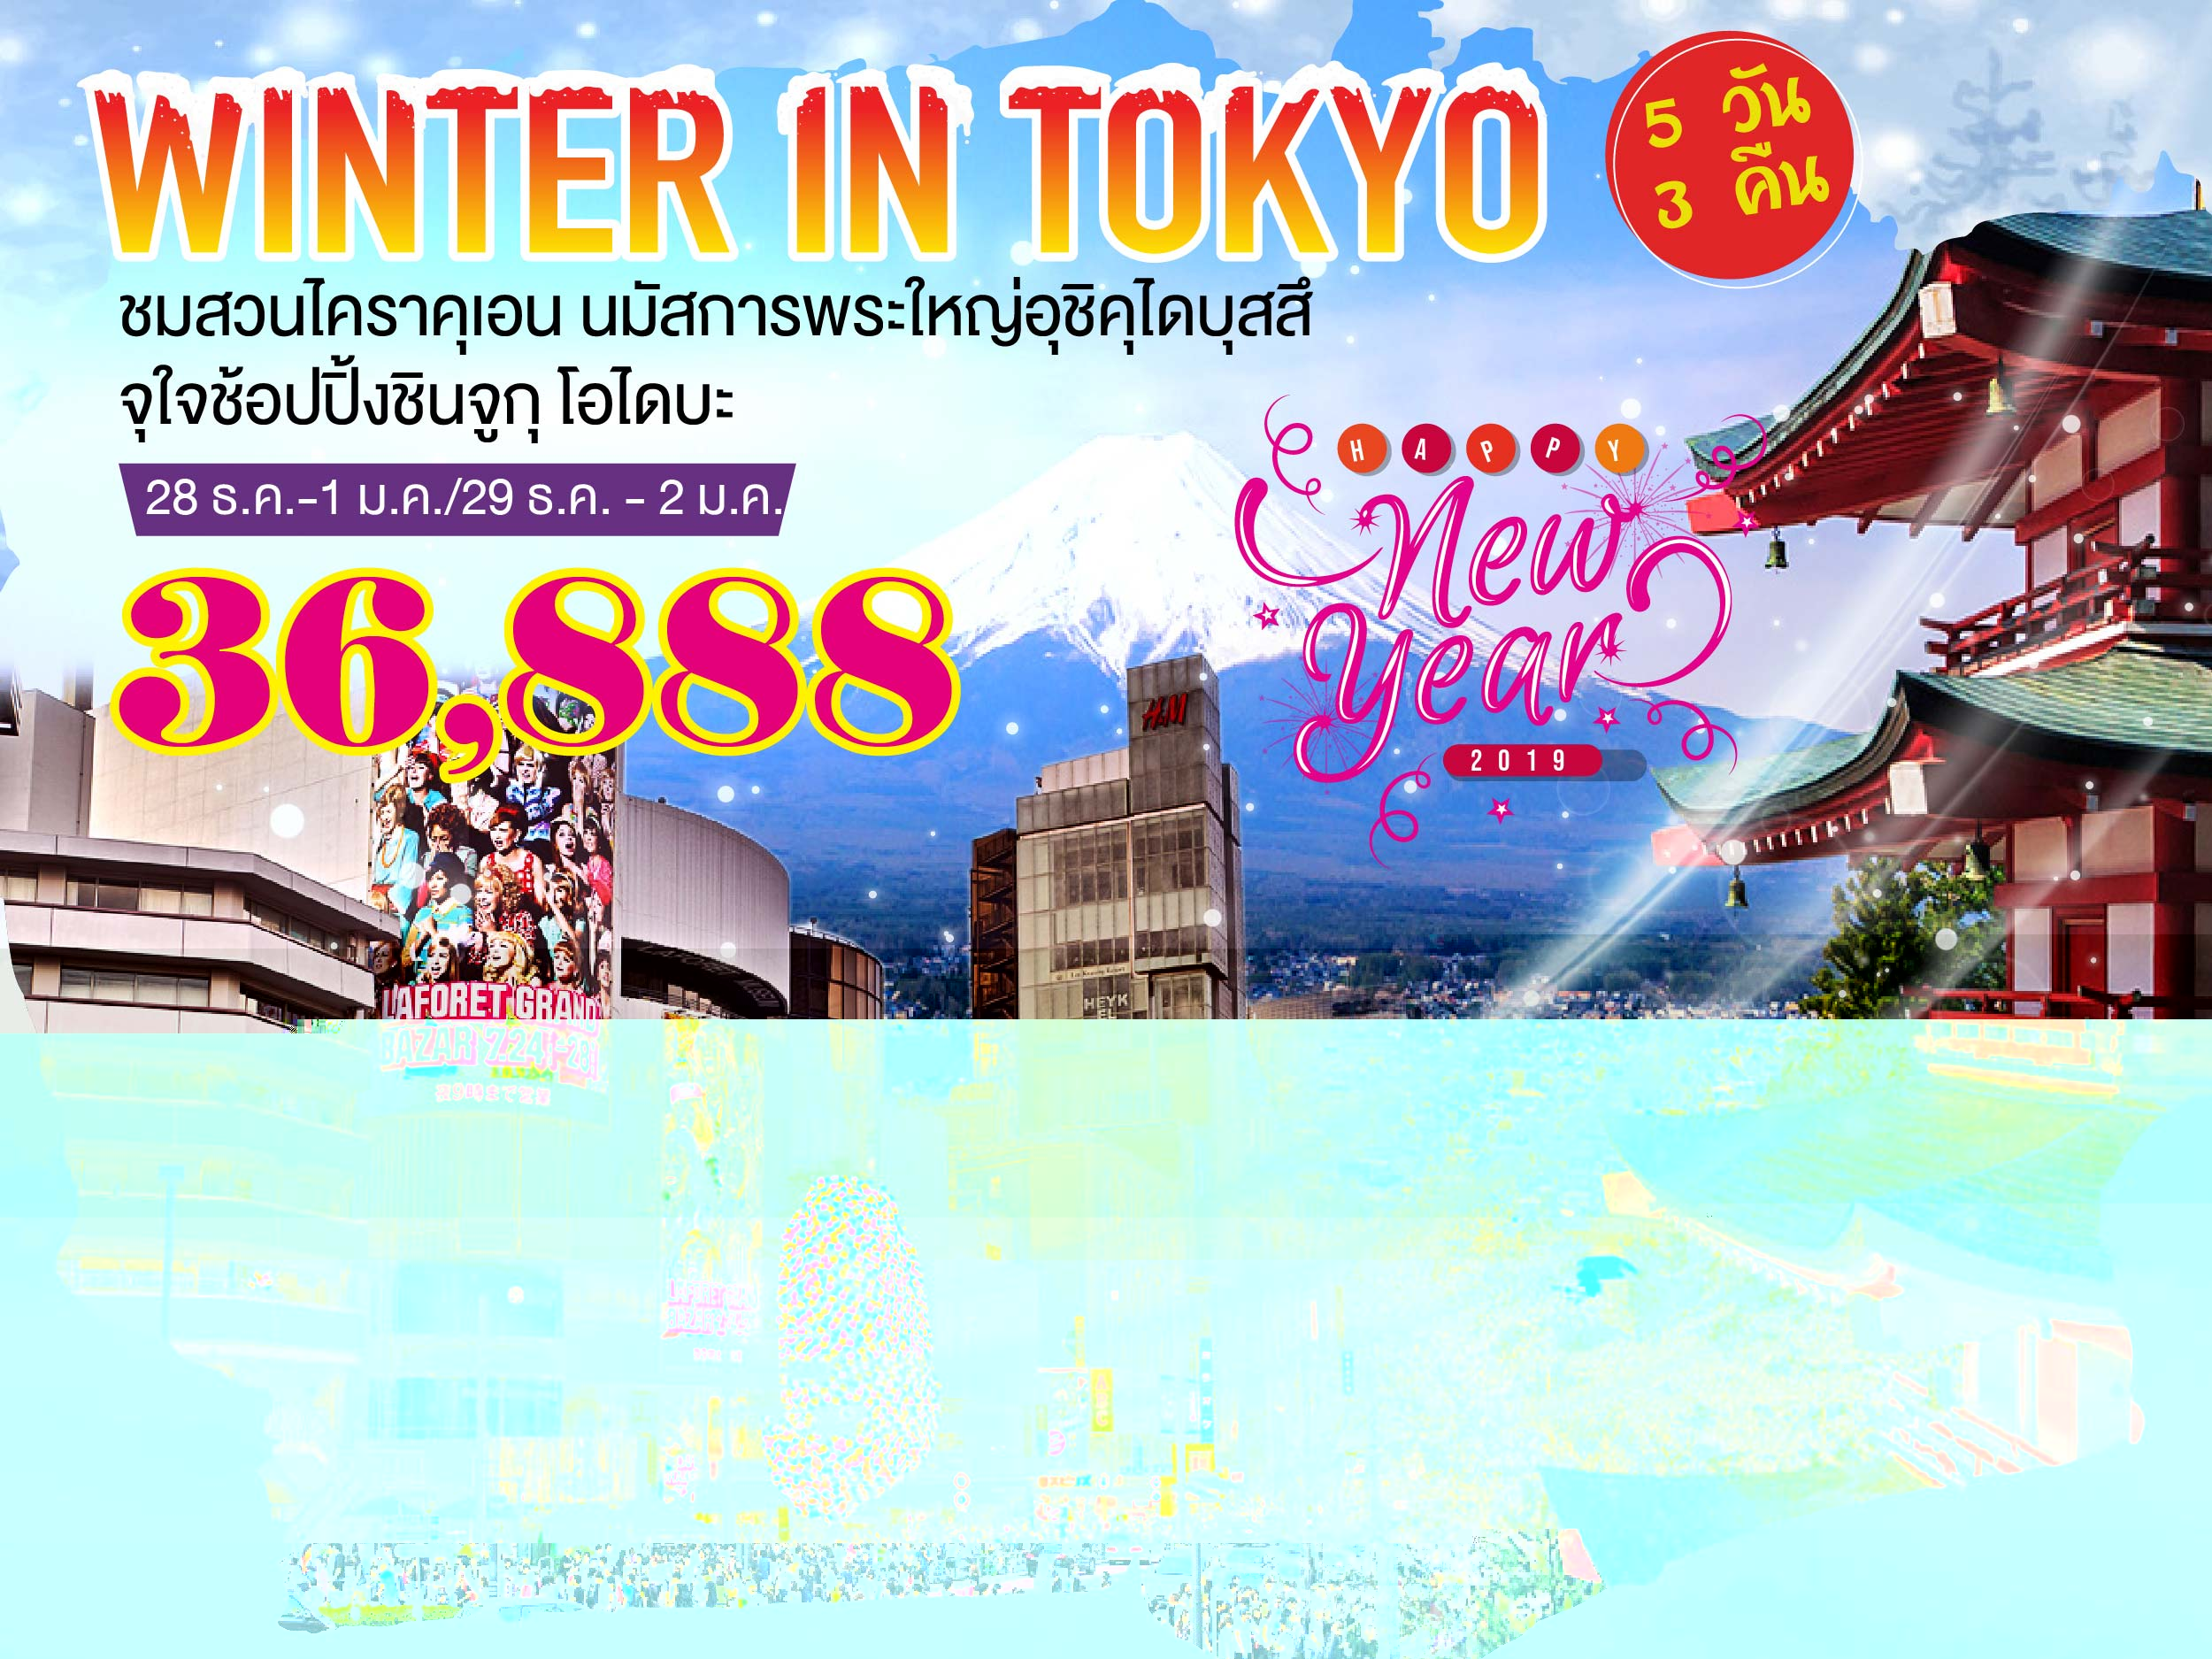 WINTER IN TOKYO 5 วัน 3 คืน